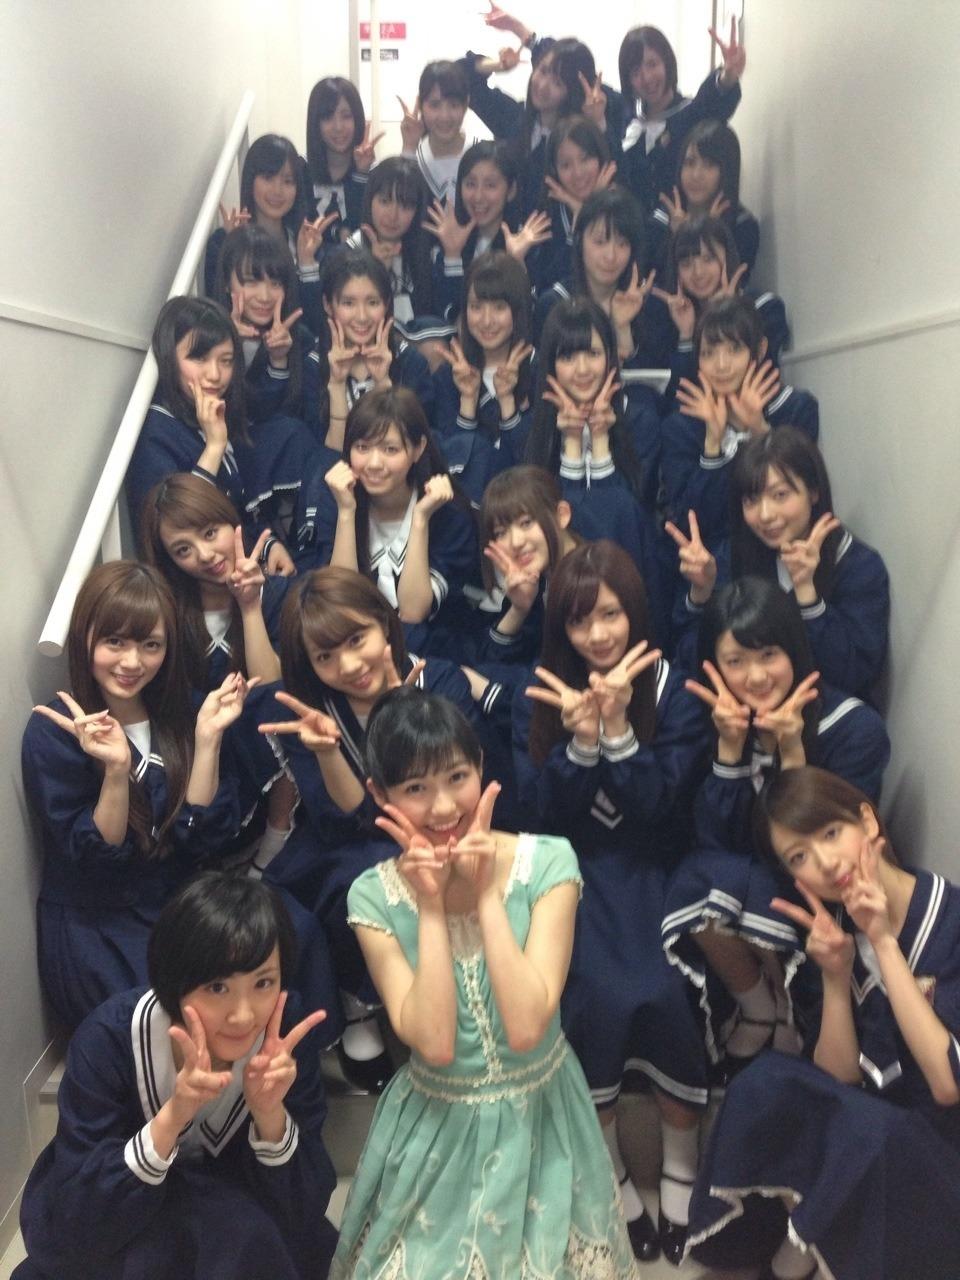 渡辺麻友が再び乃木坂46の舞台公演を観覧